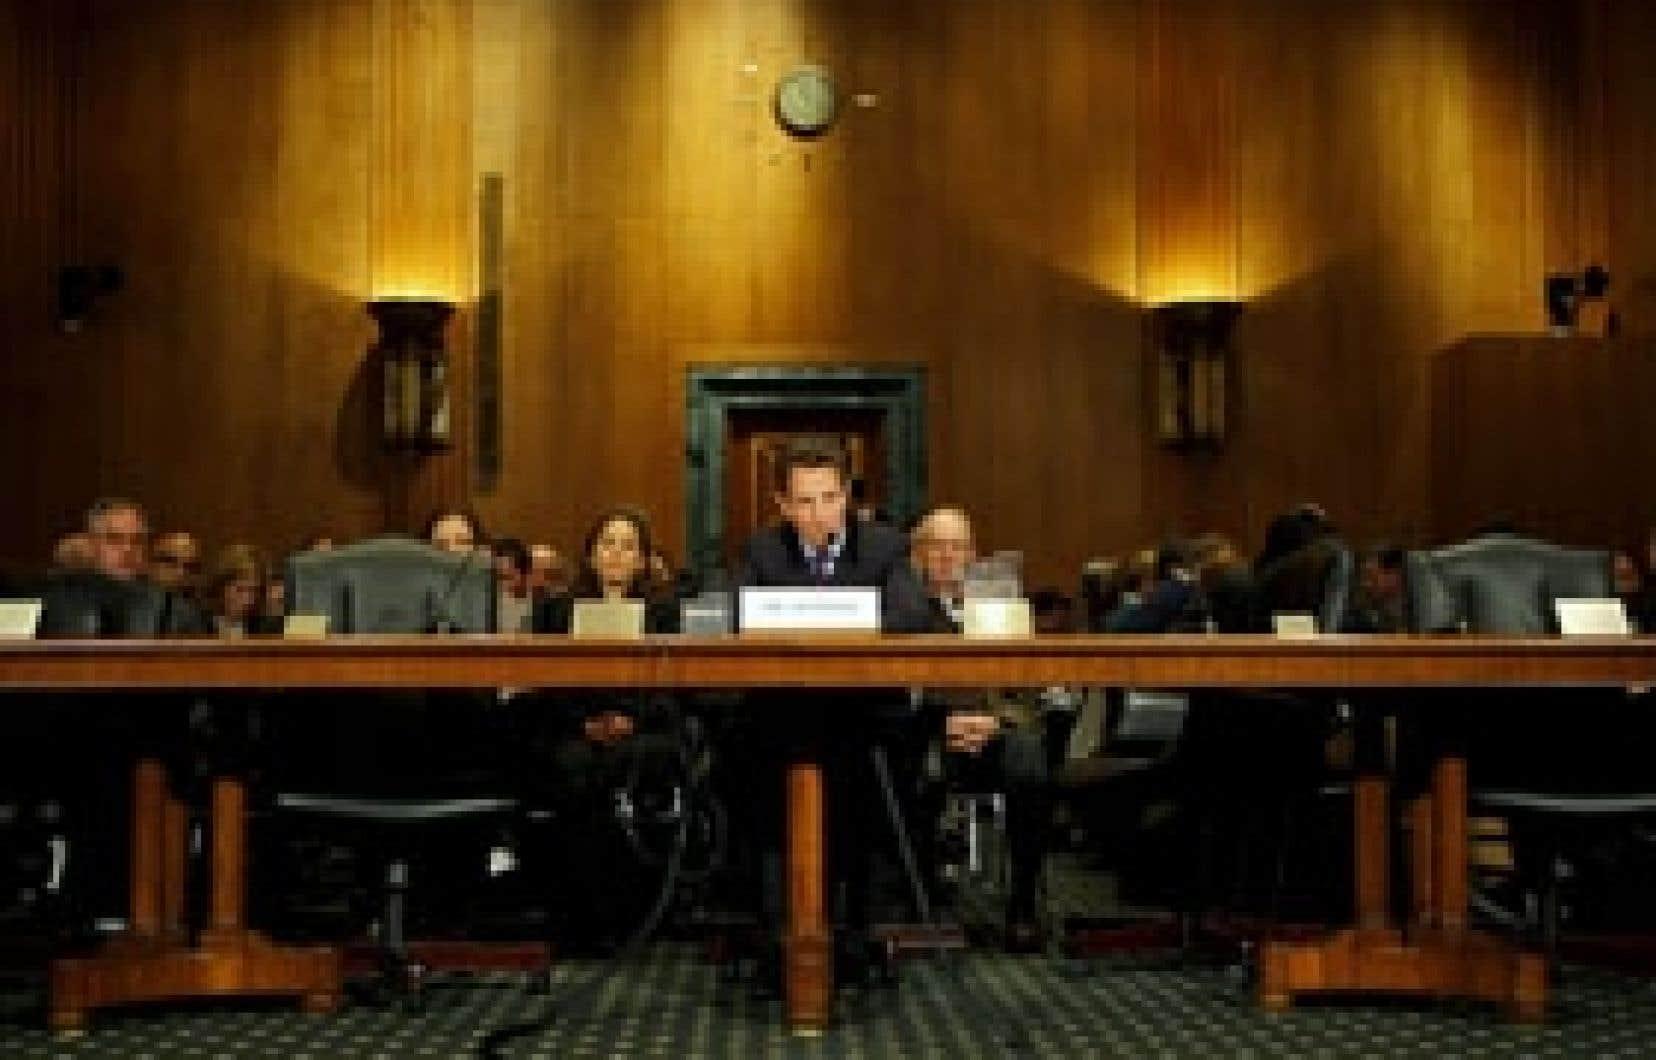 Timothy Geithner témoignait hier devant la commission des finances du Sénat américain. Le futur secrétaire au Trésor a notamment présenté ses excuses por n'avoir pas payé une partie de ses impôts il y a quelques années. La situation, a-t-il e